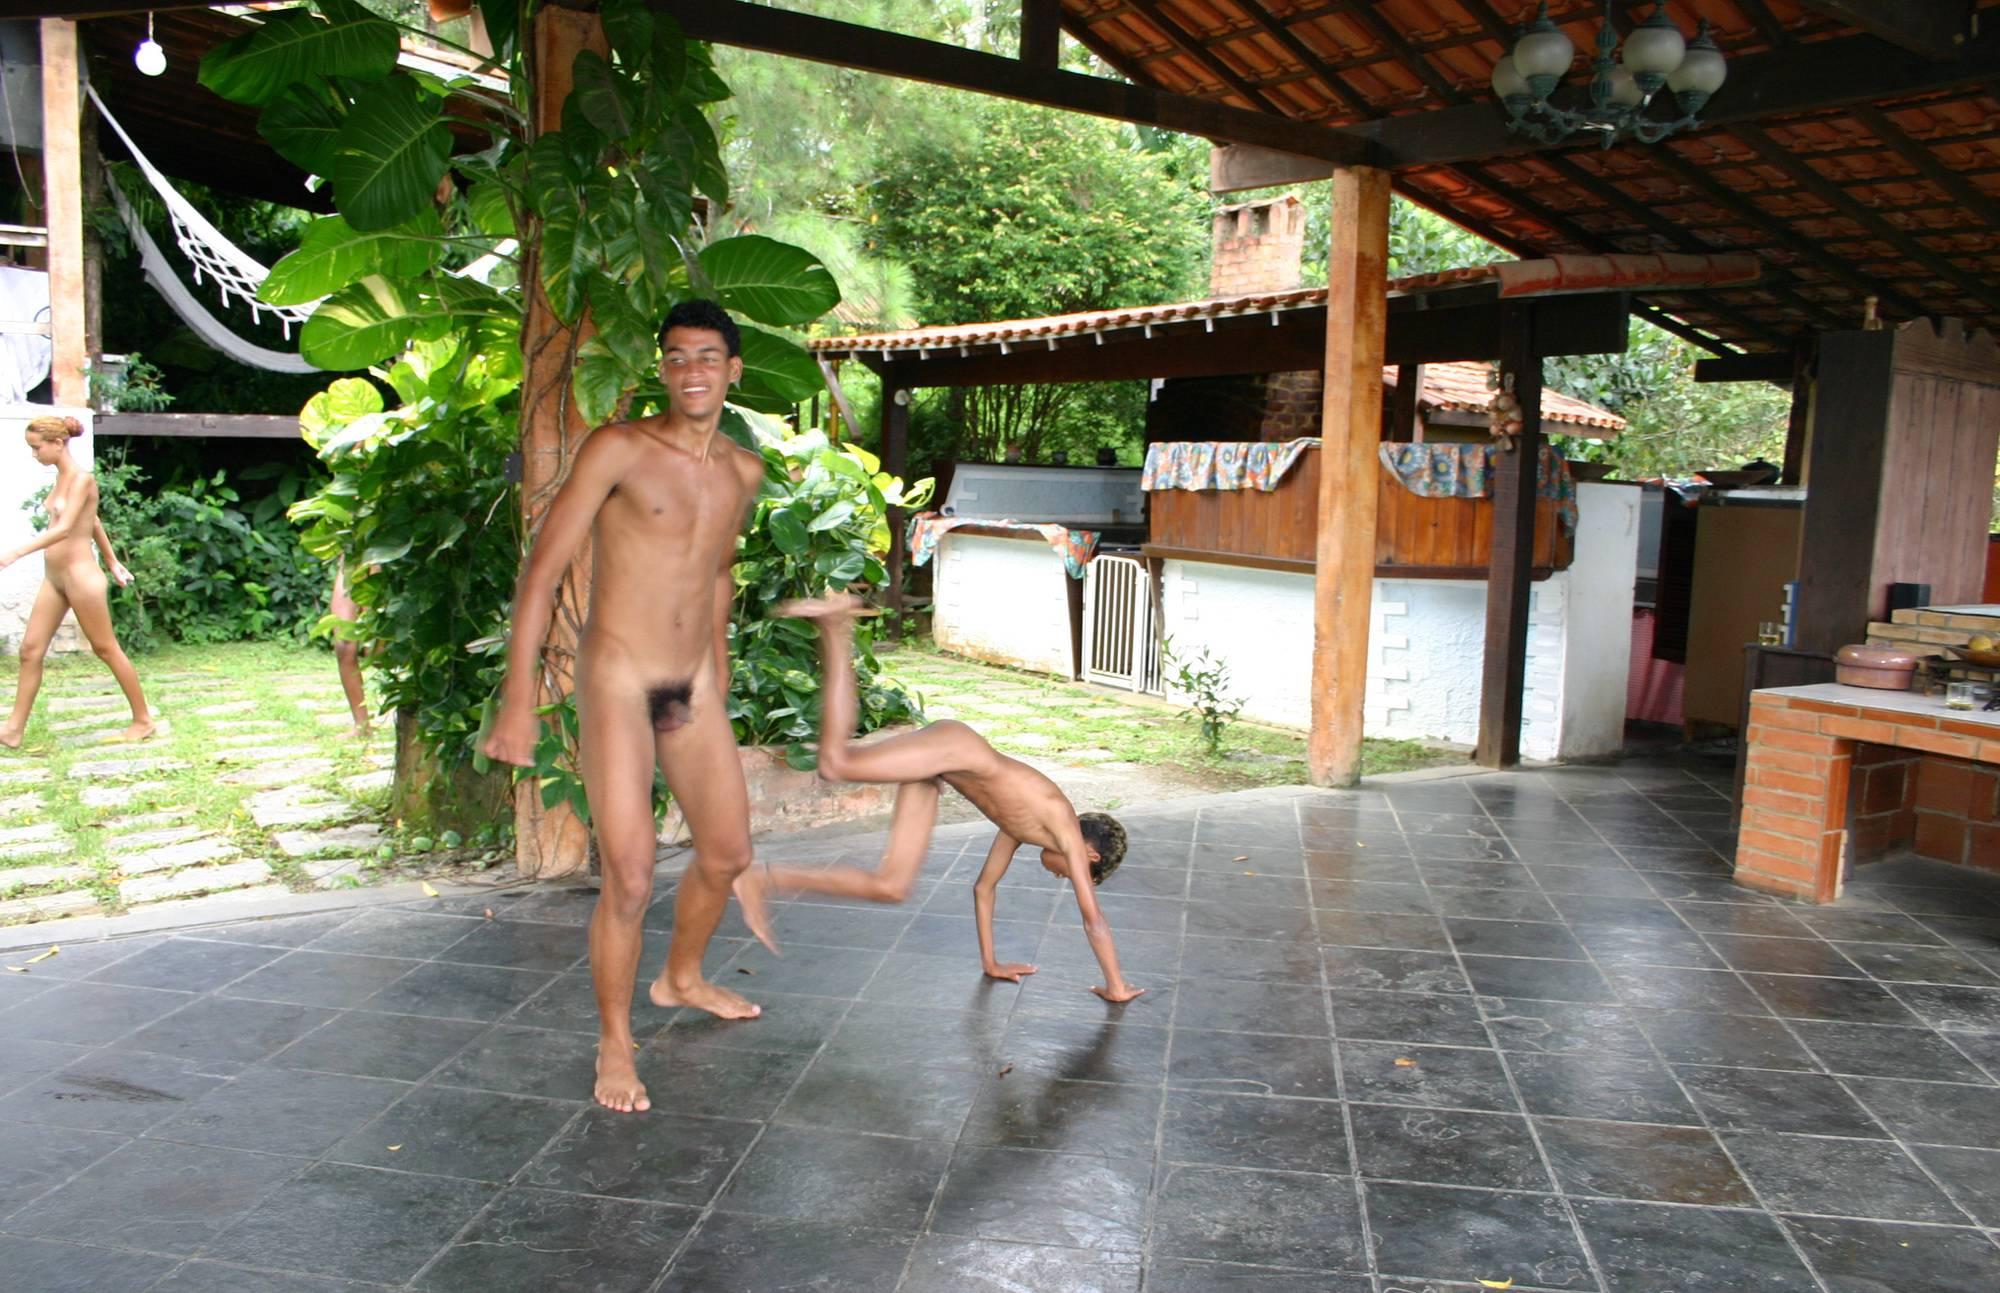 Nudist Pics Brazilian Men Are Dancing - 2